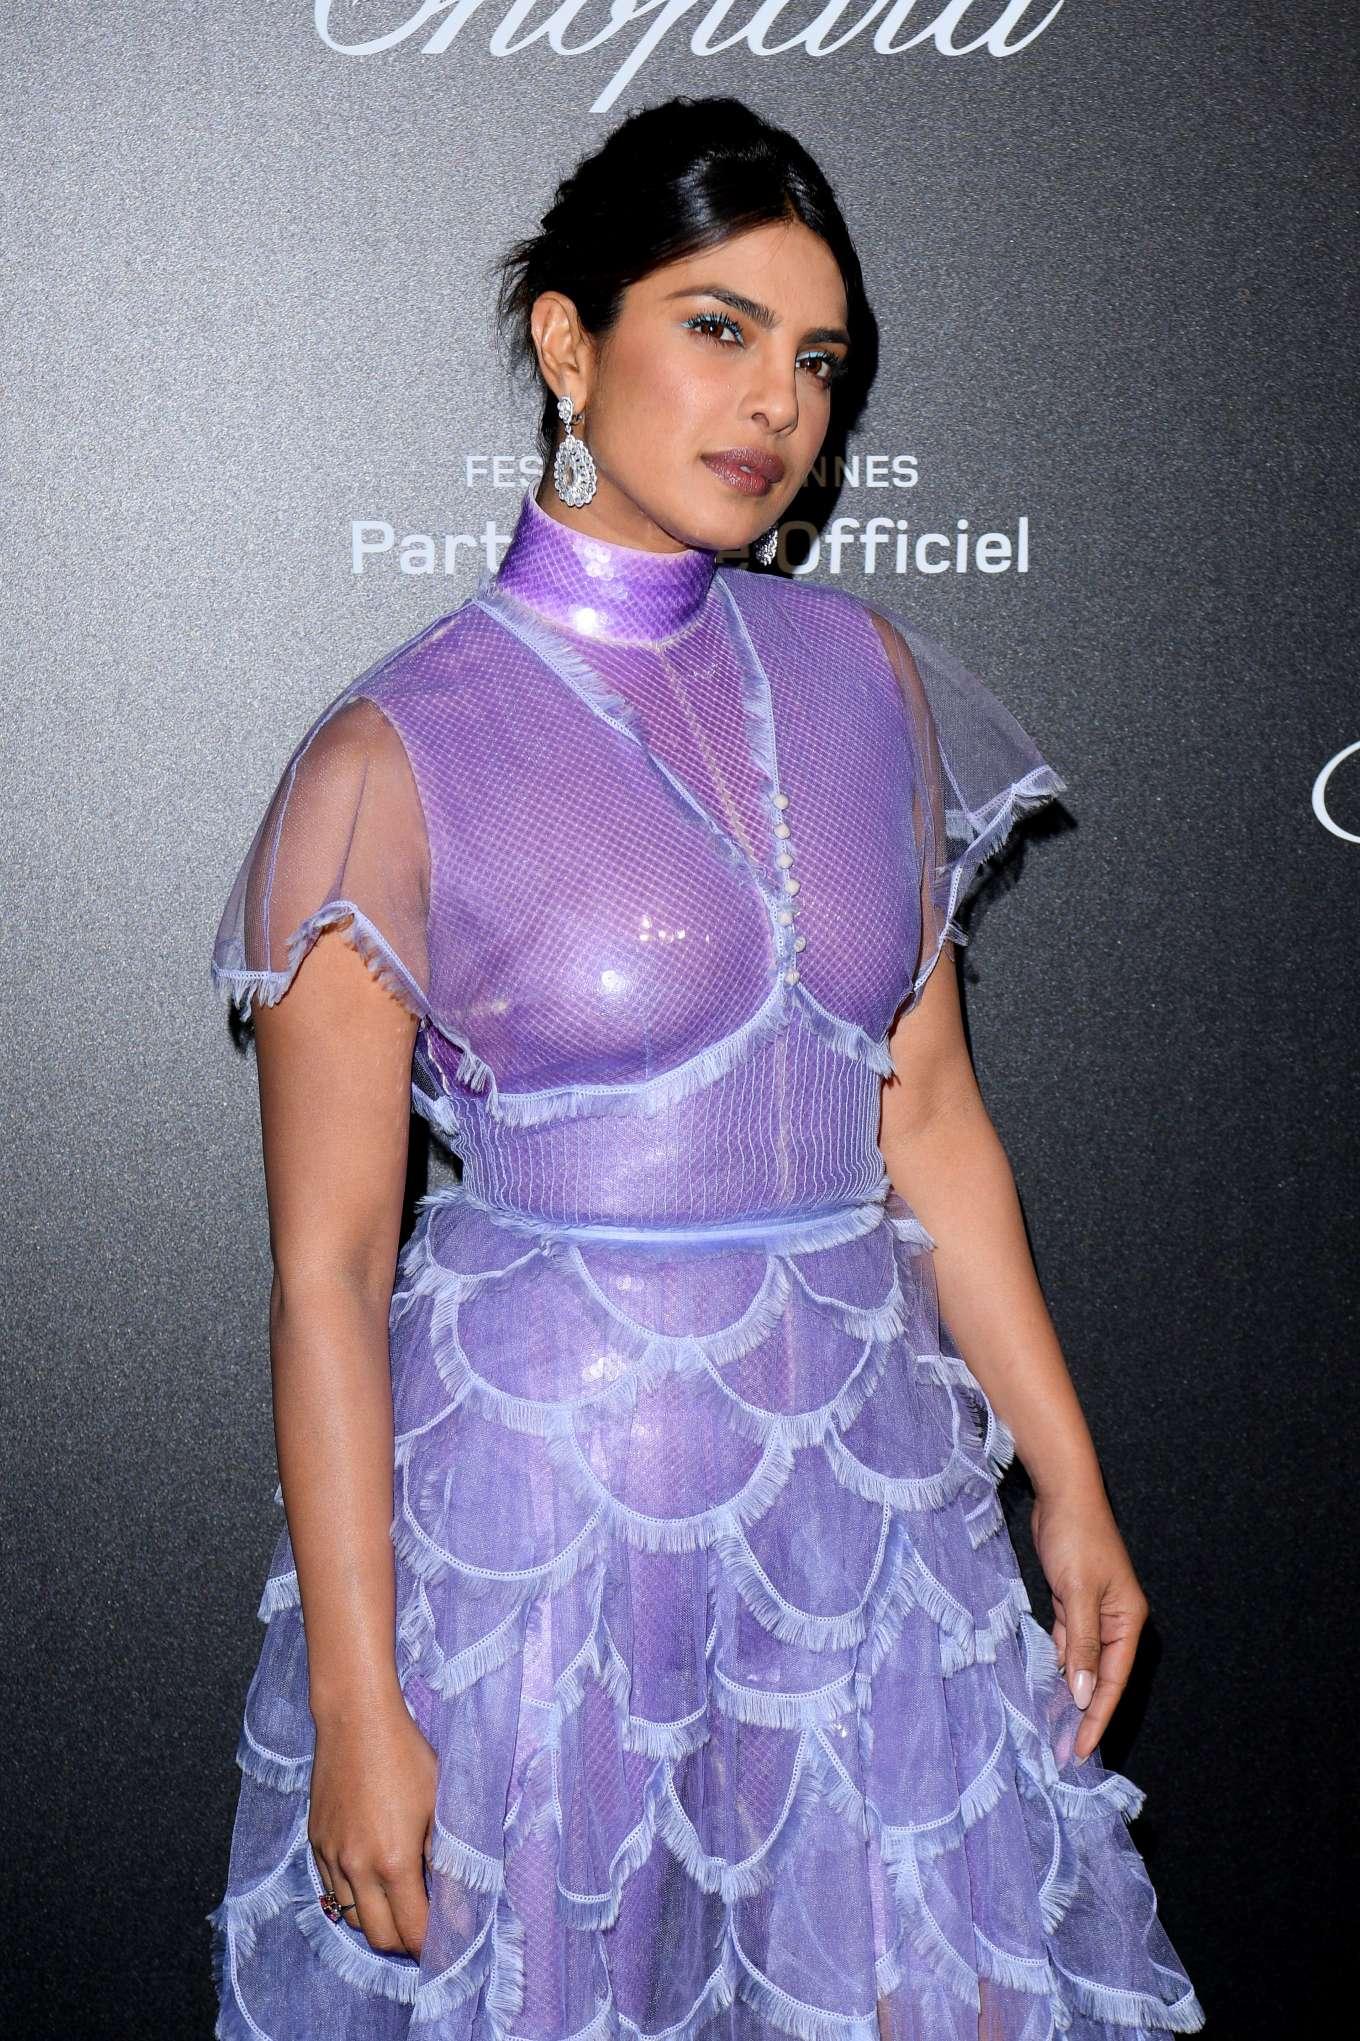 Priyanka Chopra 2019 : Priyanka Chopra: Chopard Party at 2019 Cannes Film Festival-04